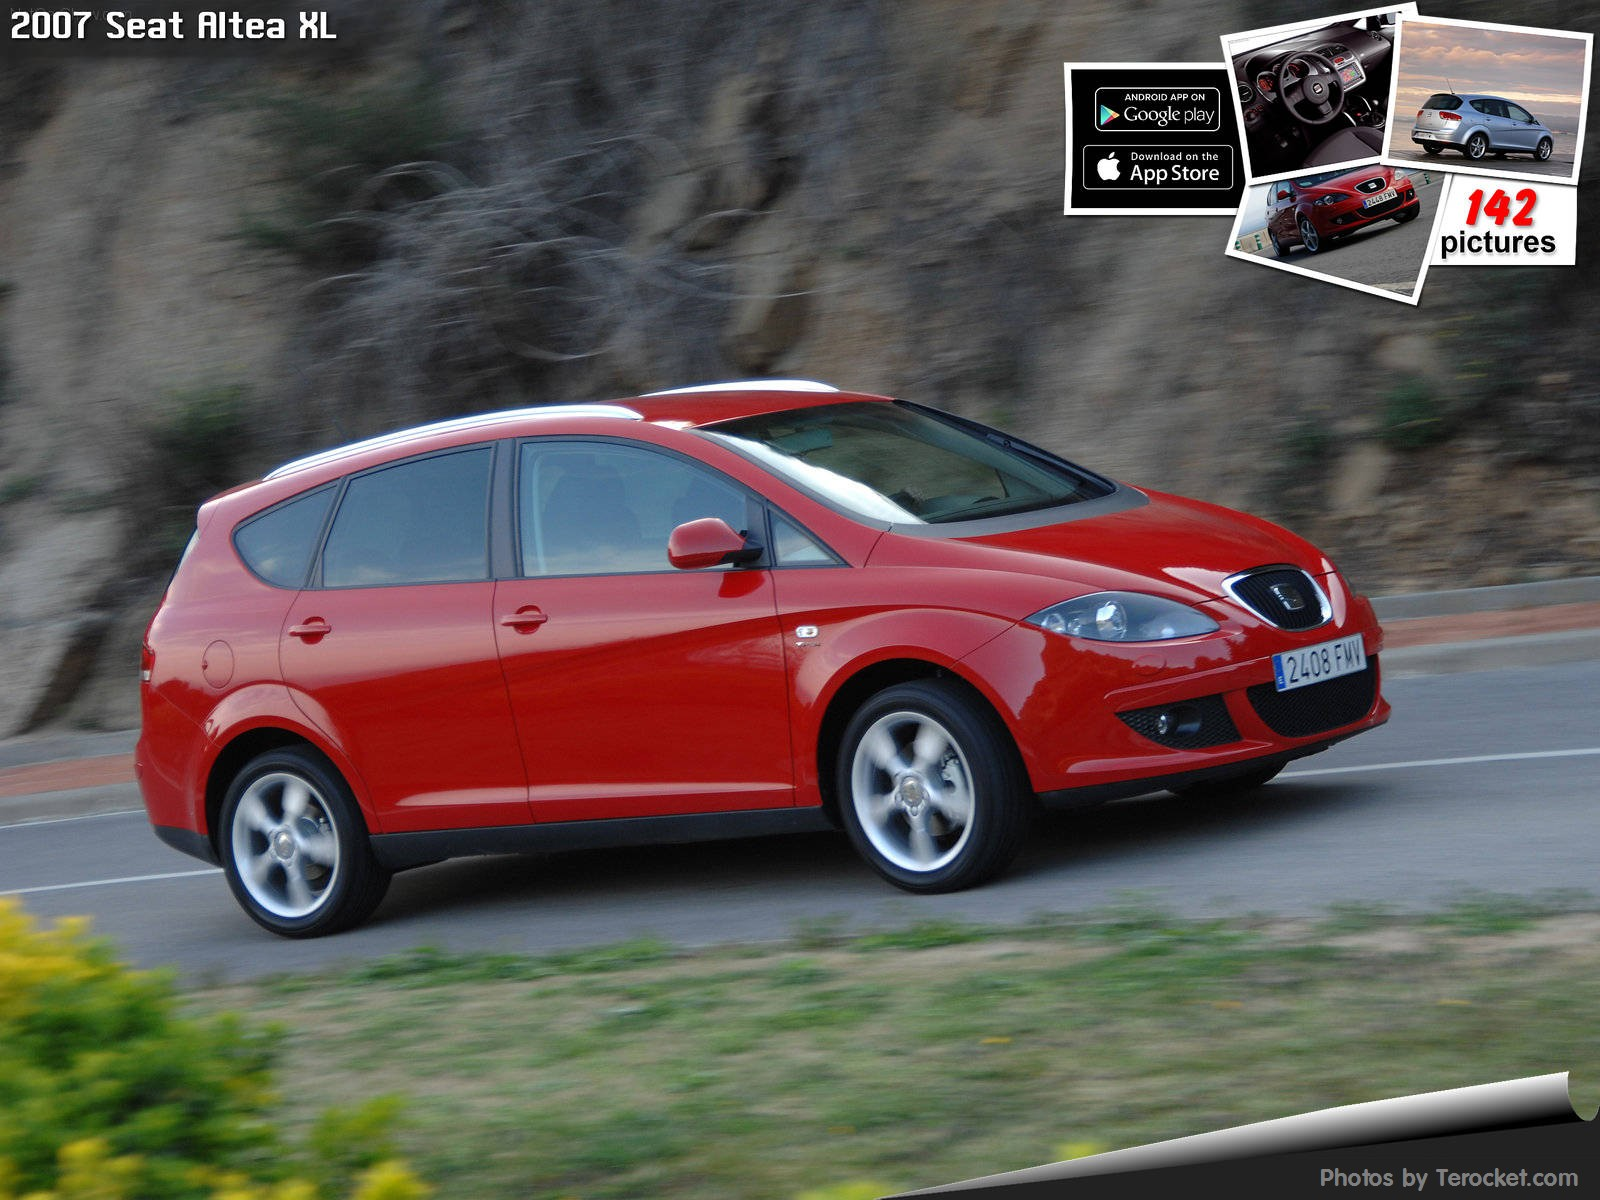 Hình ảnh xe ô tô Seat Altea XL 2007 & nội ngoại thất